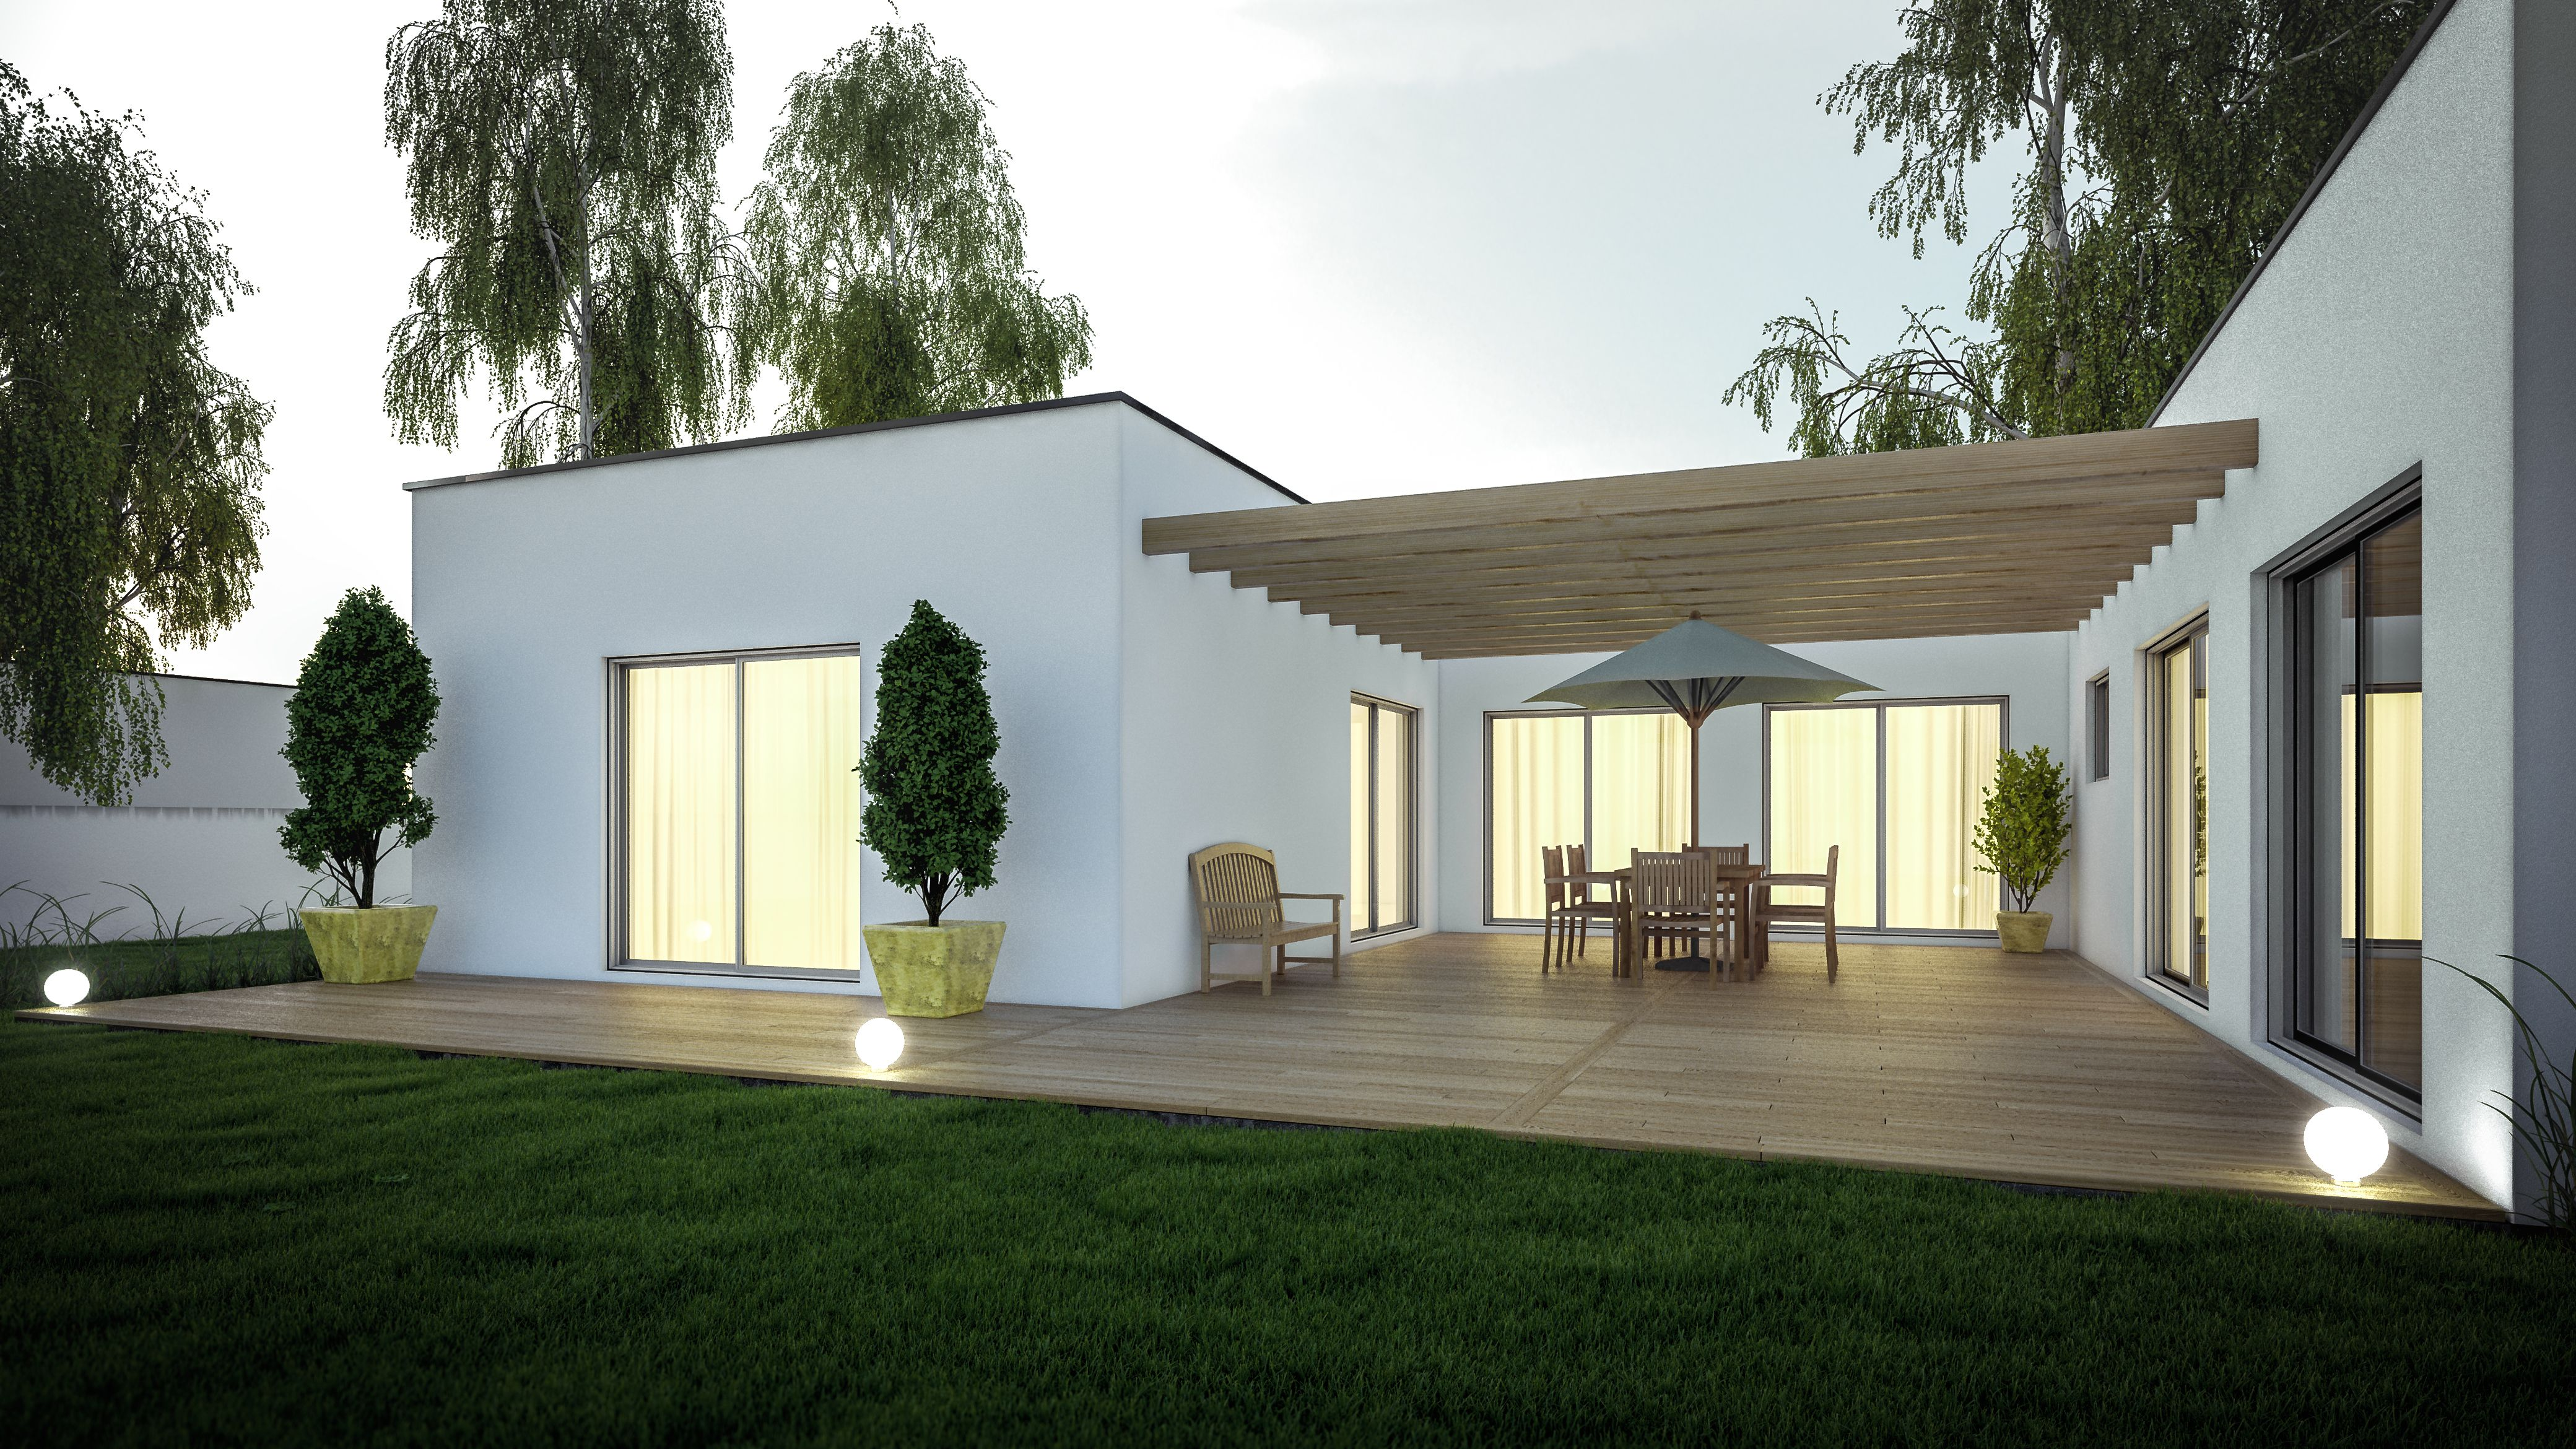 Mod le zen by cybel extension pergola sur terrasse et pr au domov en 2019 maison - Extension sur terrasse ...